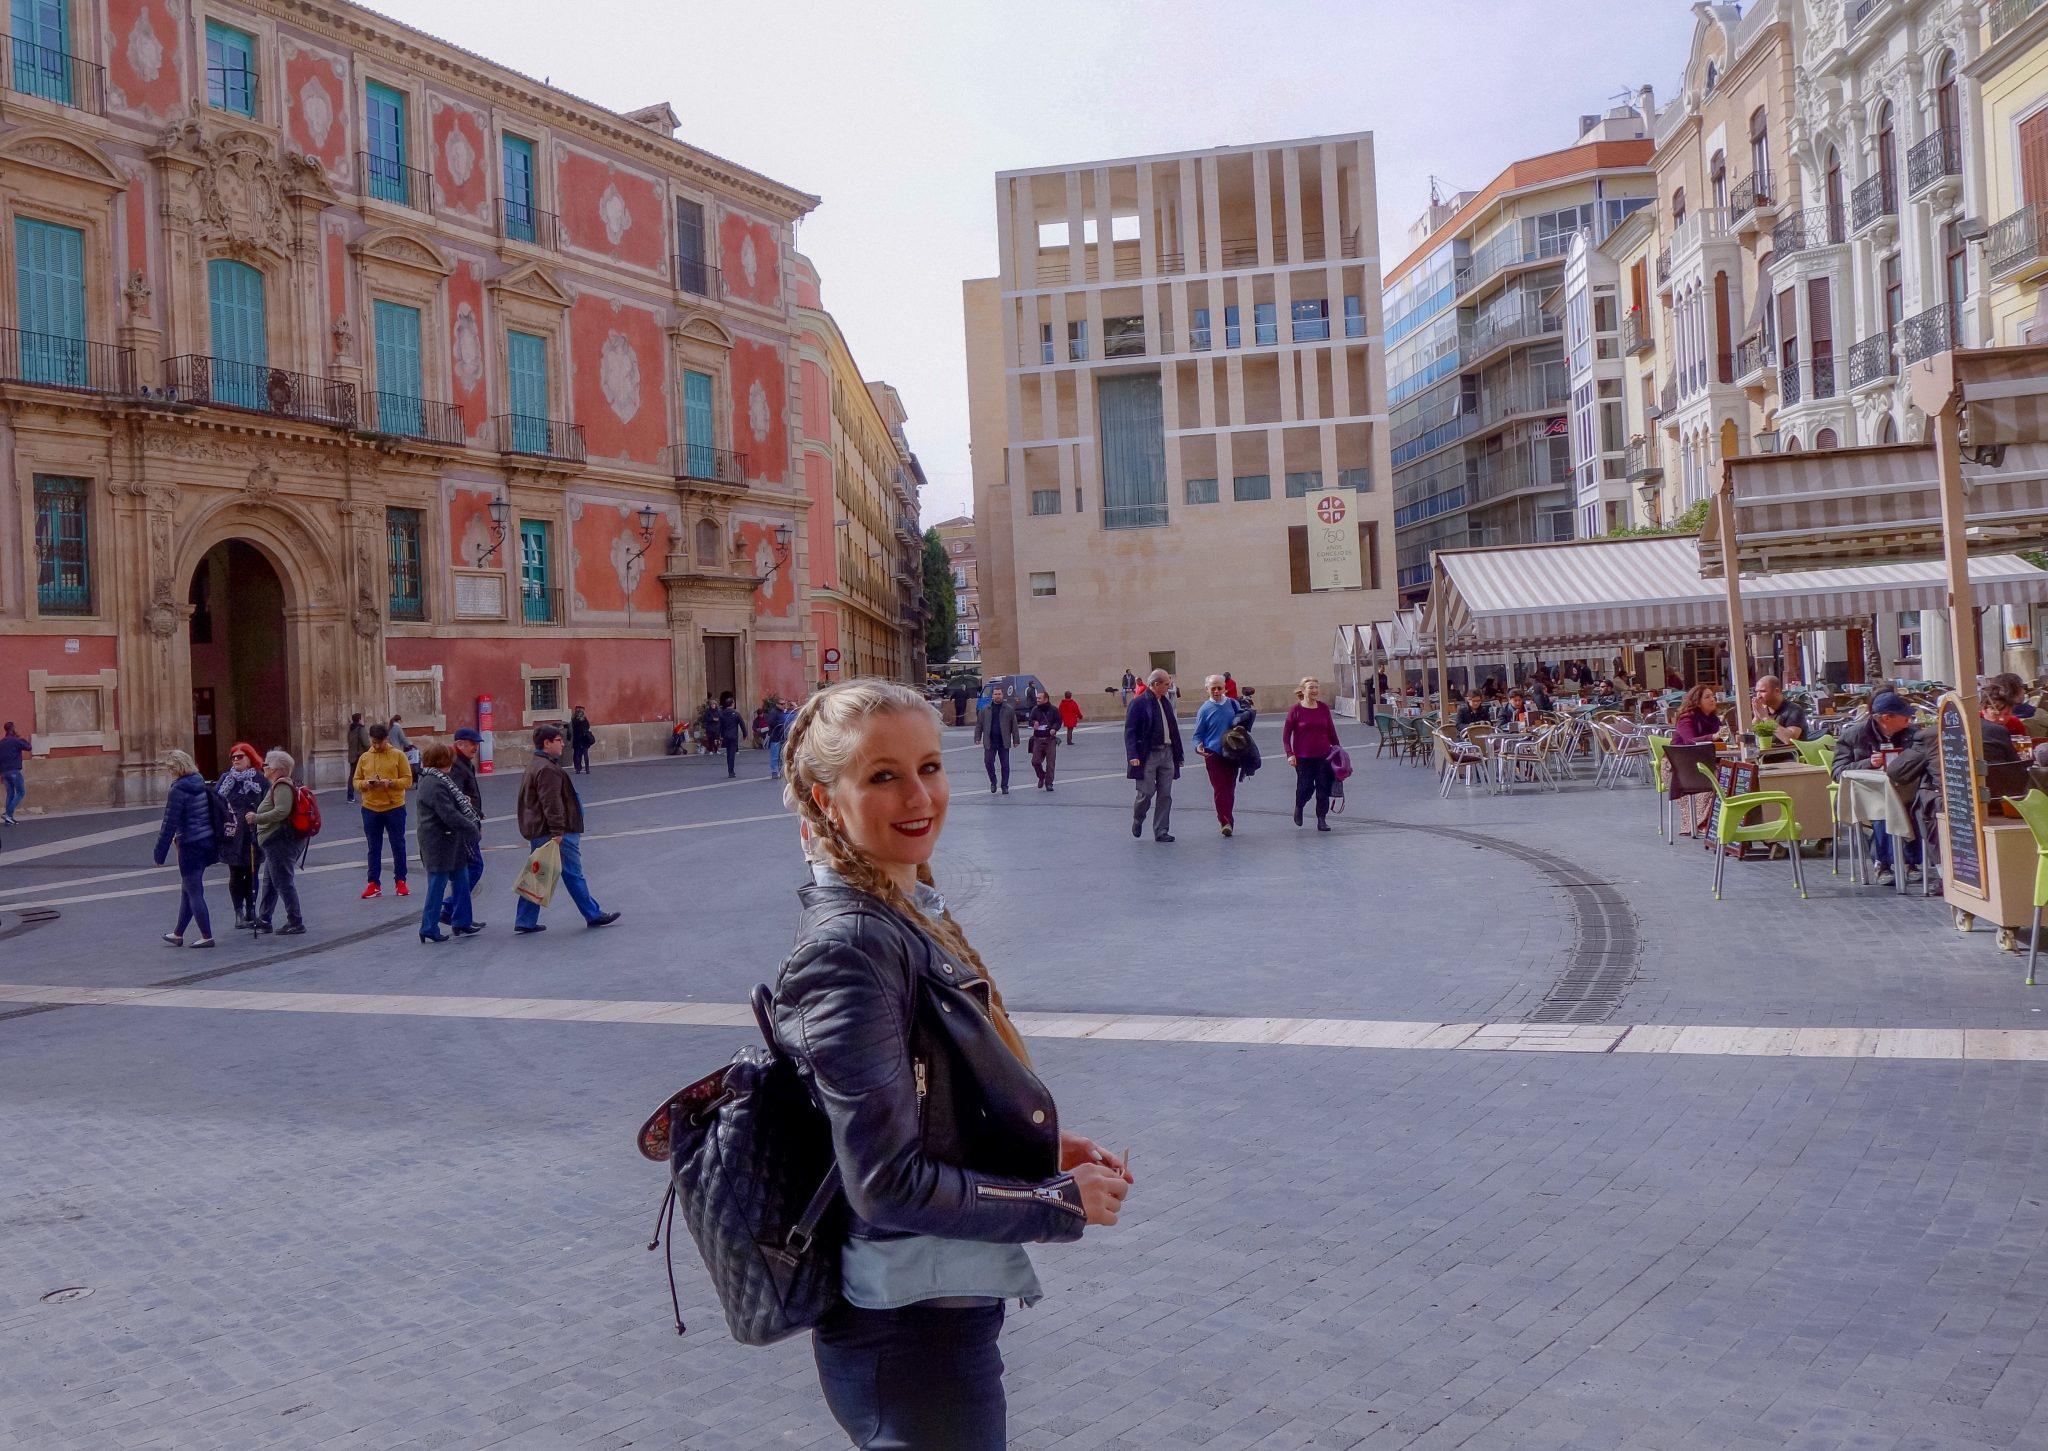 Neben dem Palast und gegenüber der Kathedrale befindet sich das moderne Rathaus von Murcia.